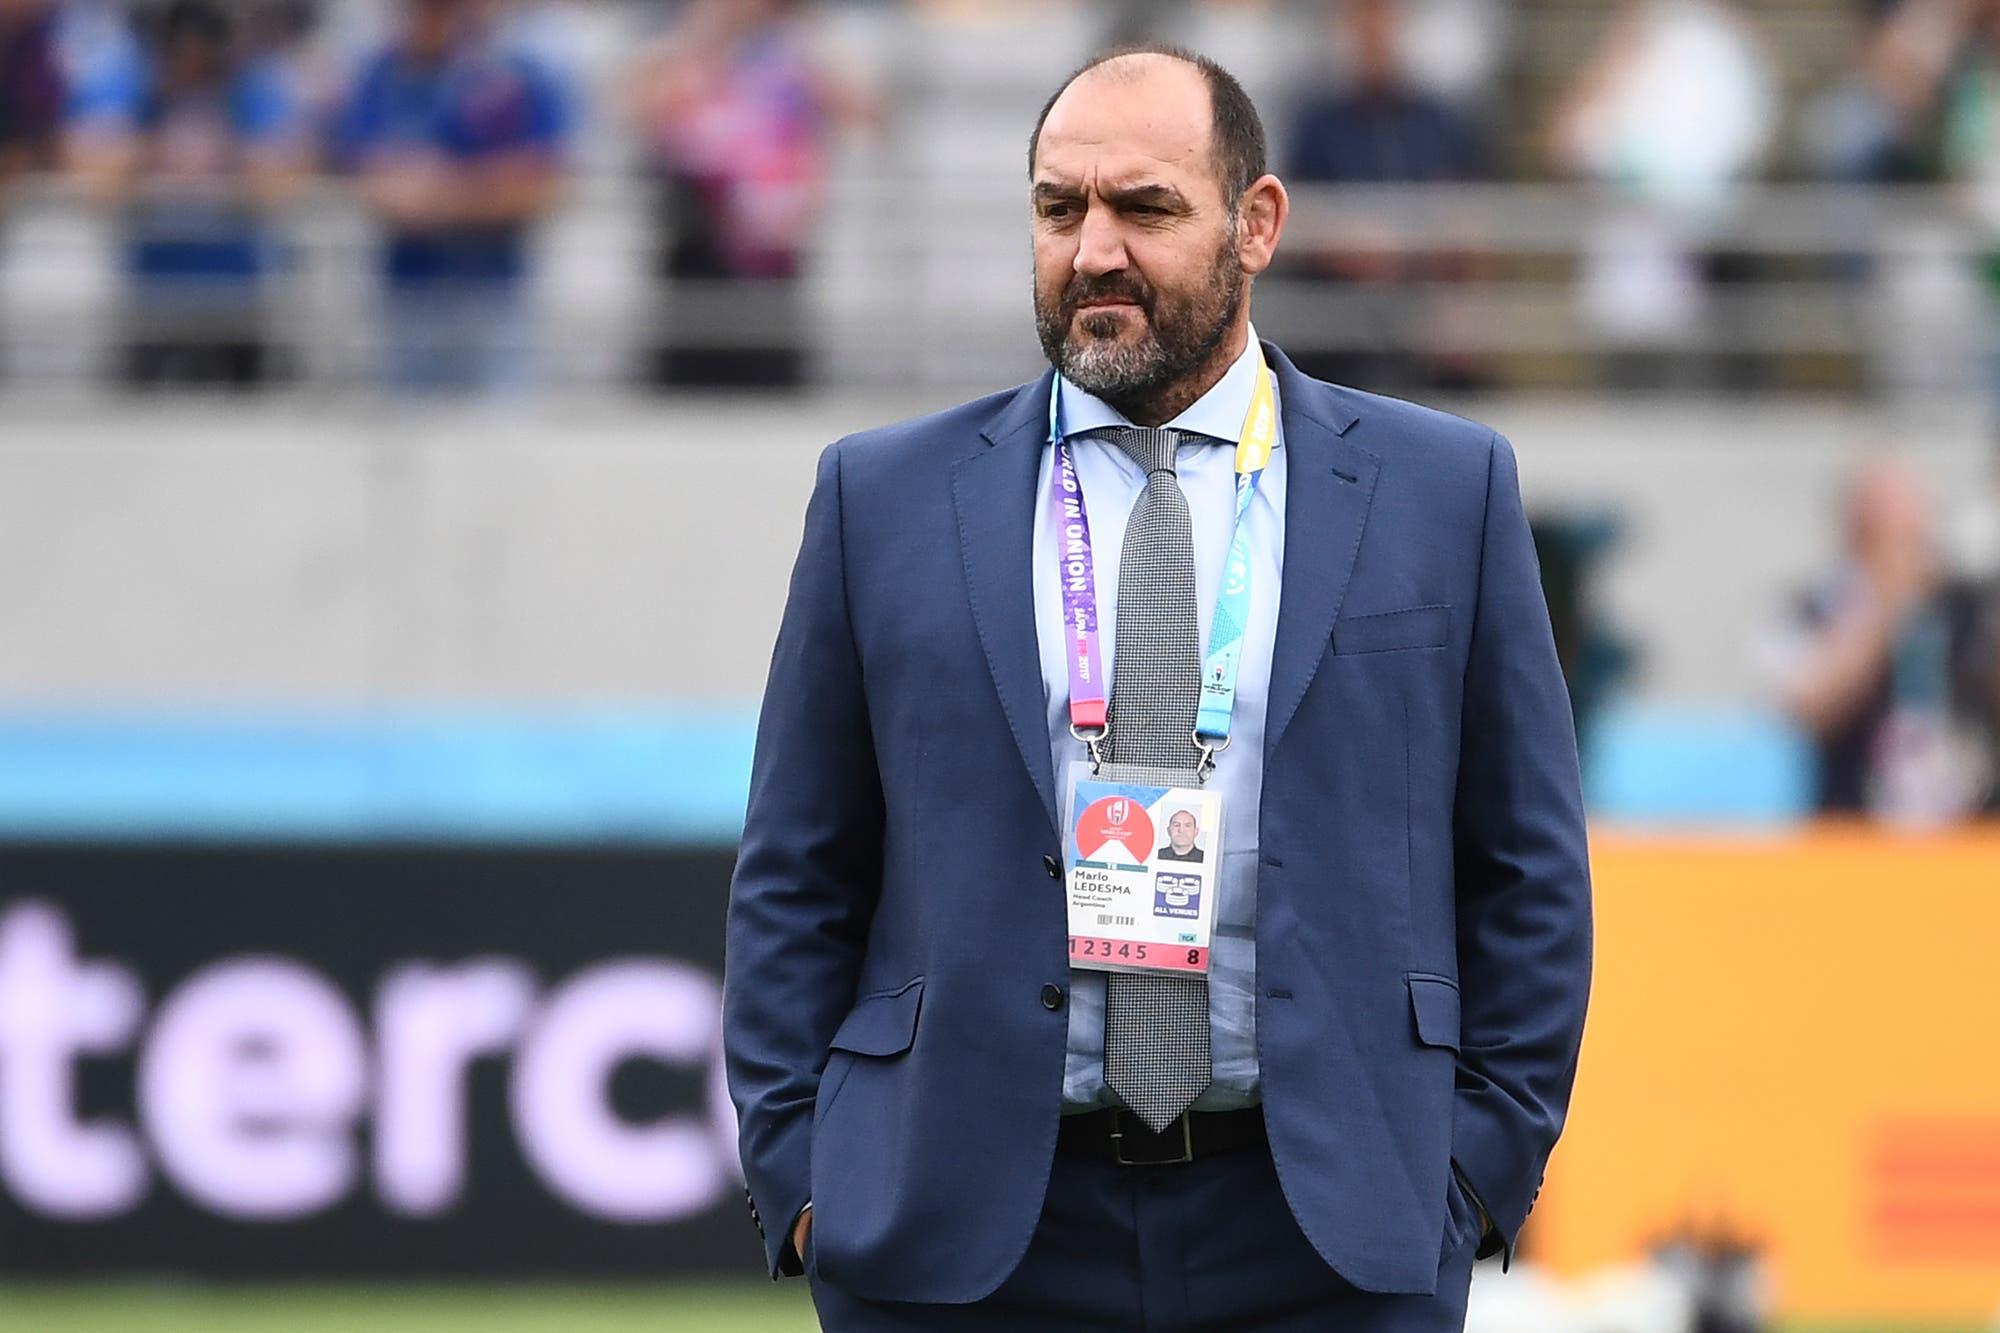 Los Pumas-Francia: la contundente frase de Mario Ledesma contra el árbitro después de la derrota